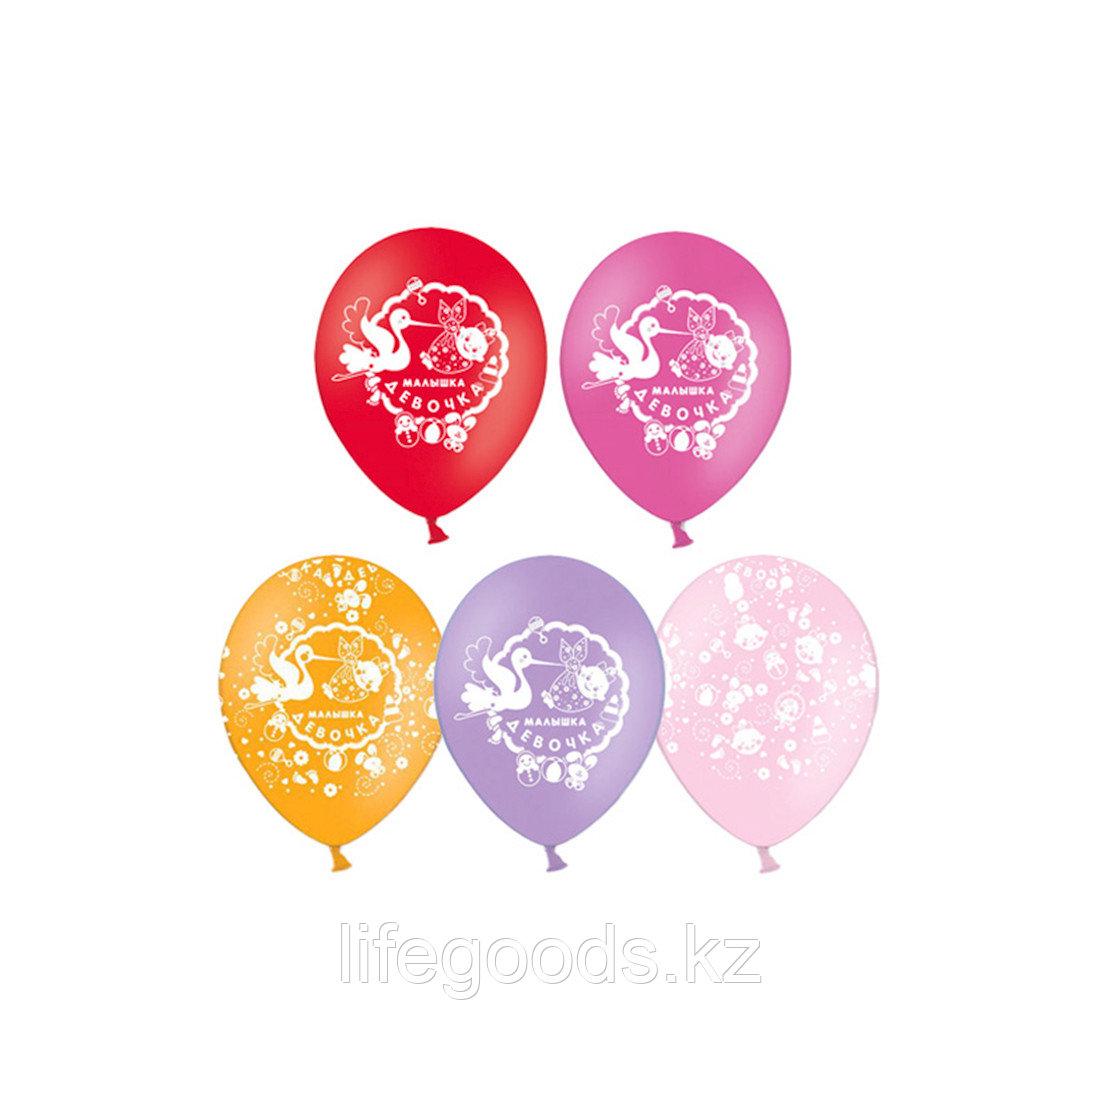 Воздушные шарики 1111-0351 (1111-0833) (5 шт. в пакете)